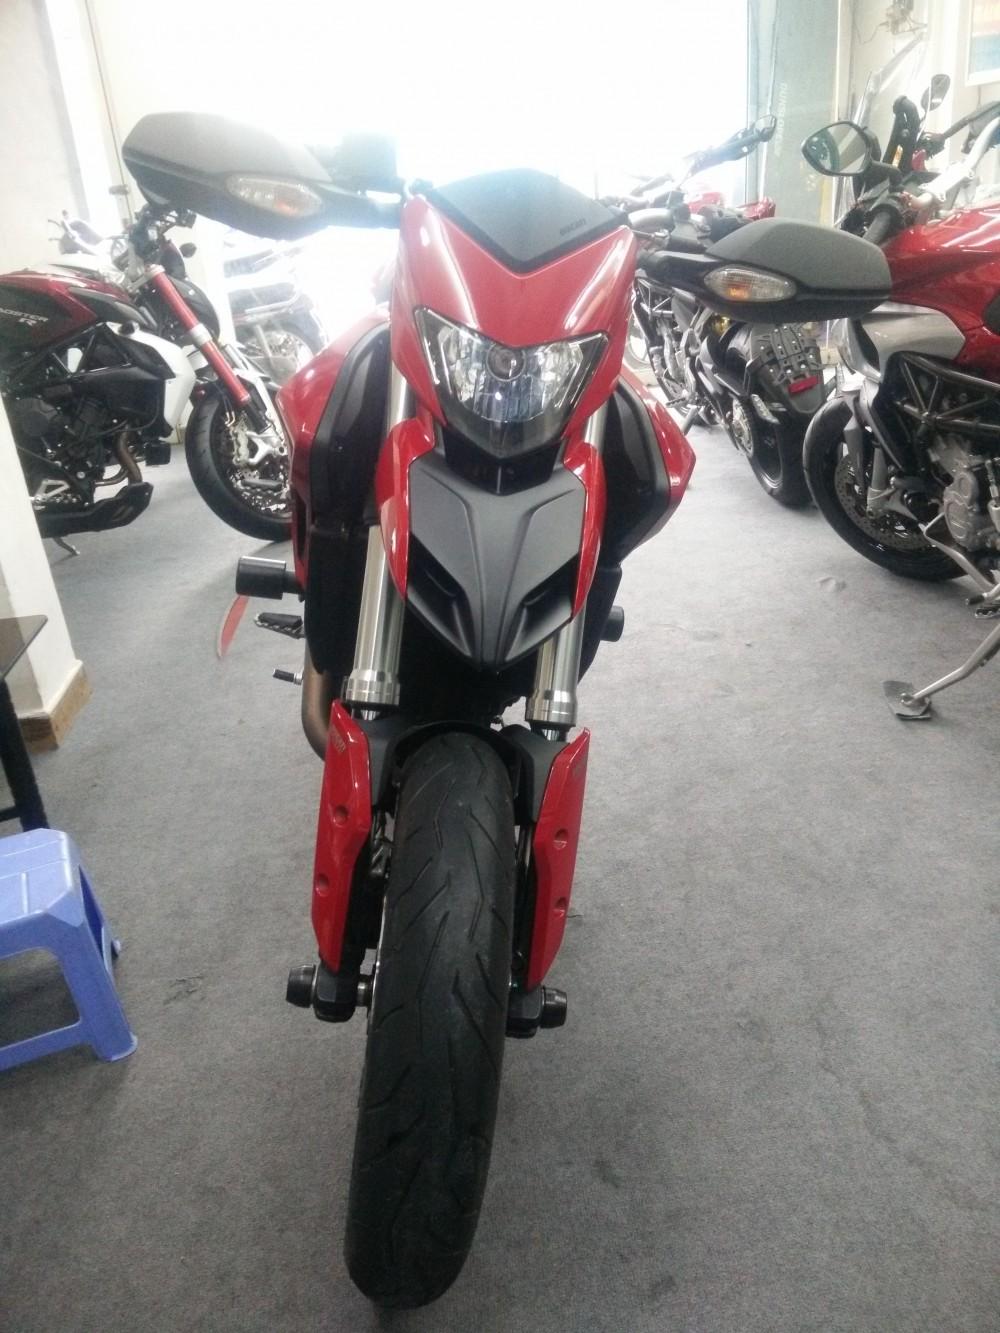 Showroom Moto Ken xe da qua su dung can ban - 2